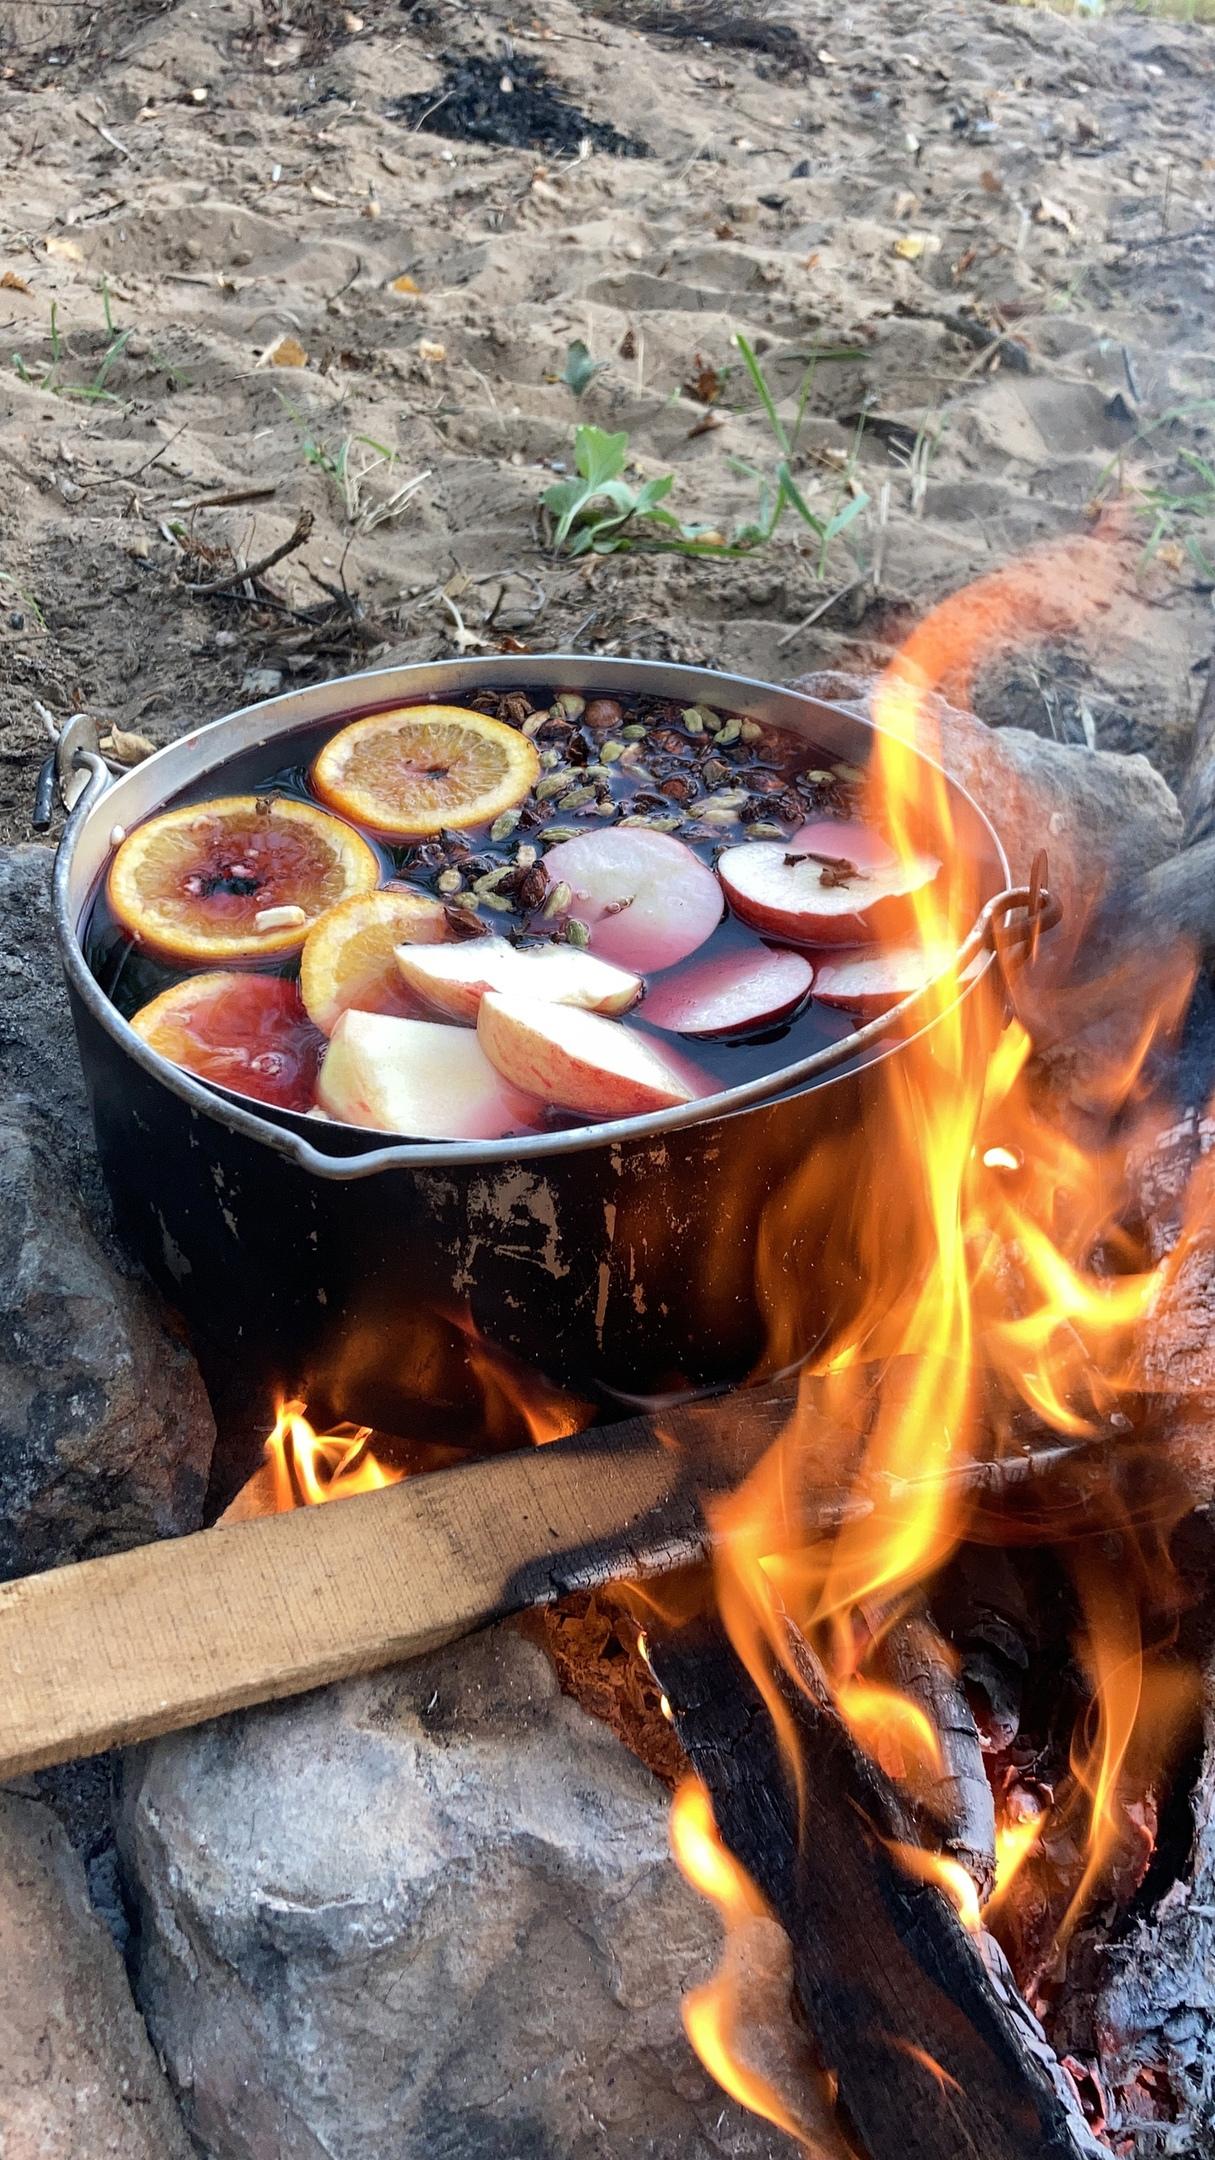 NEW! «Сплав на сапах на закате» с барбекю